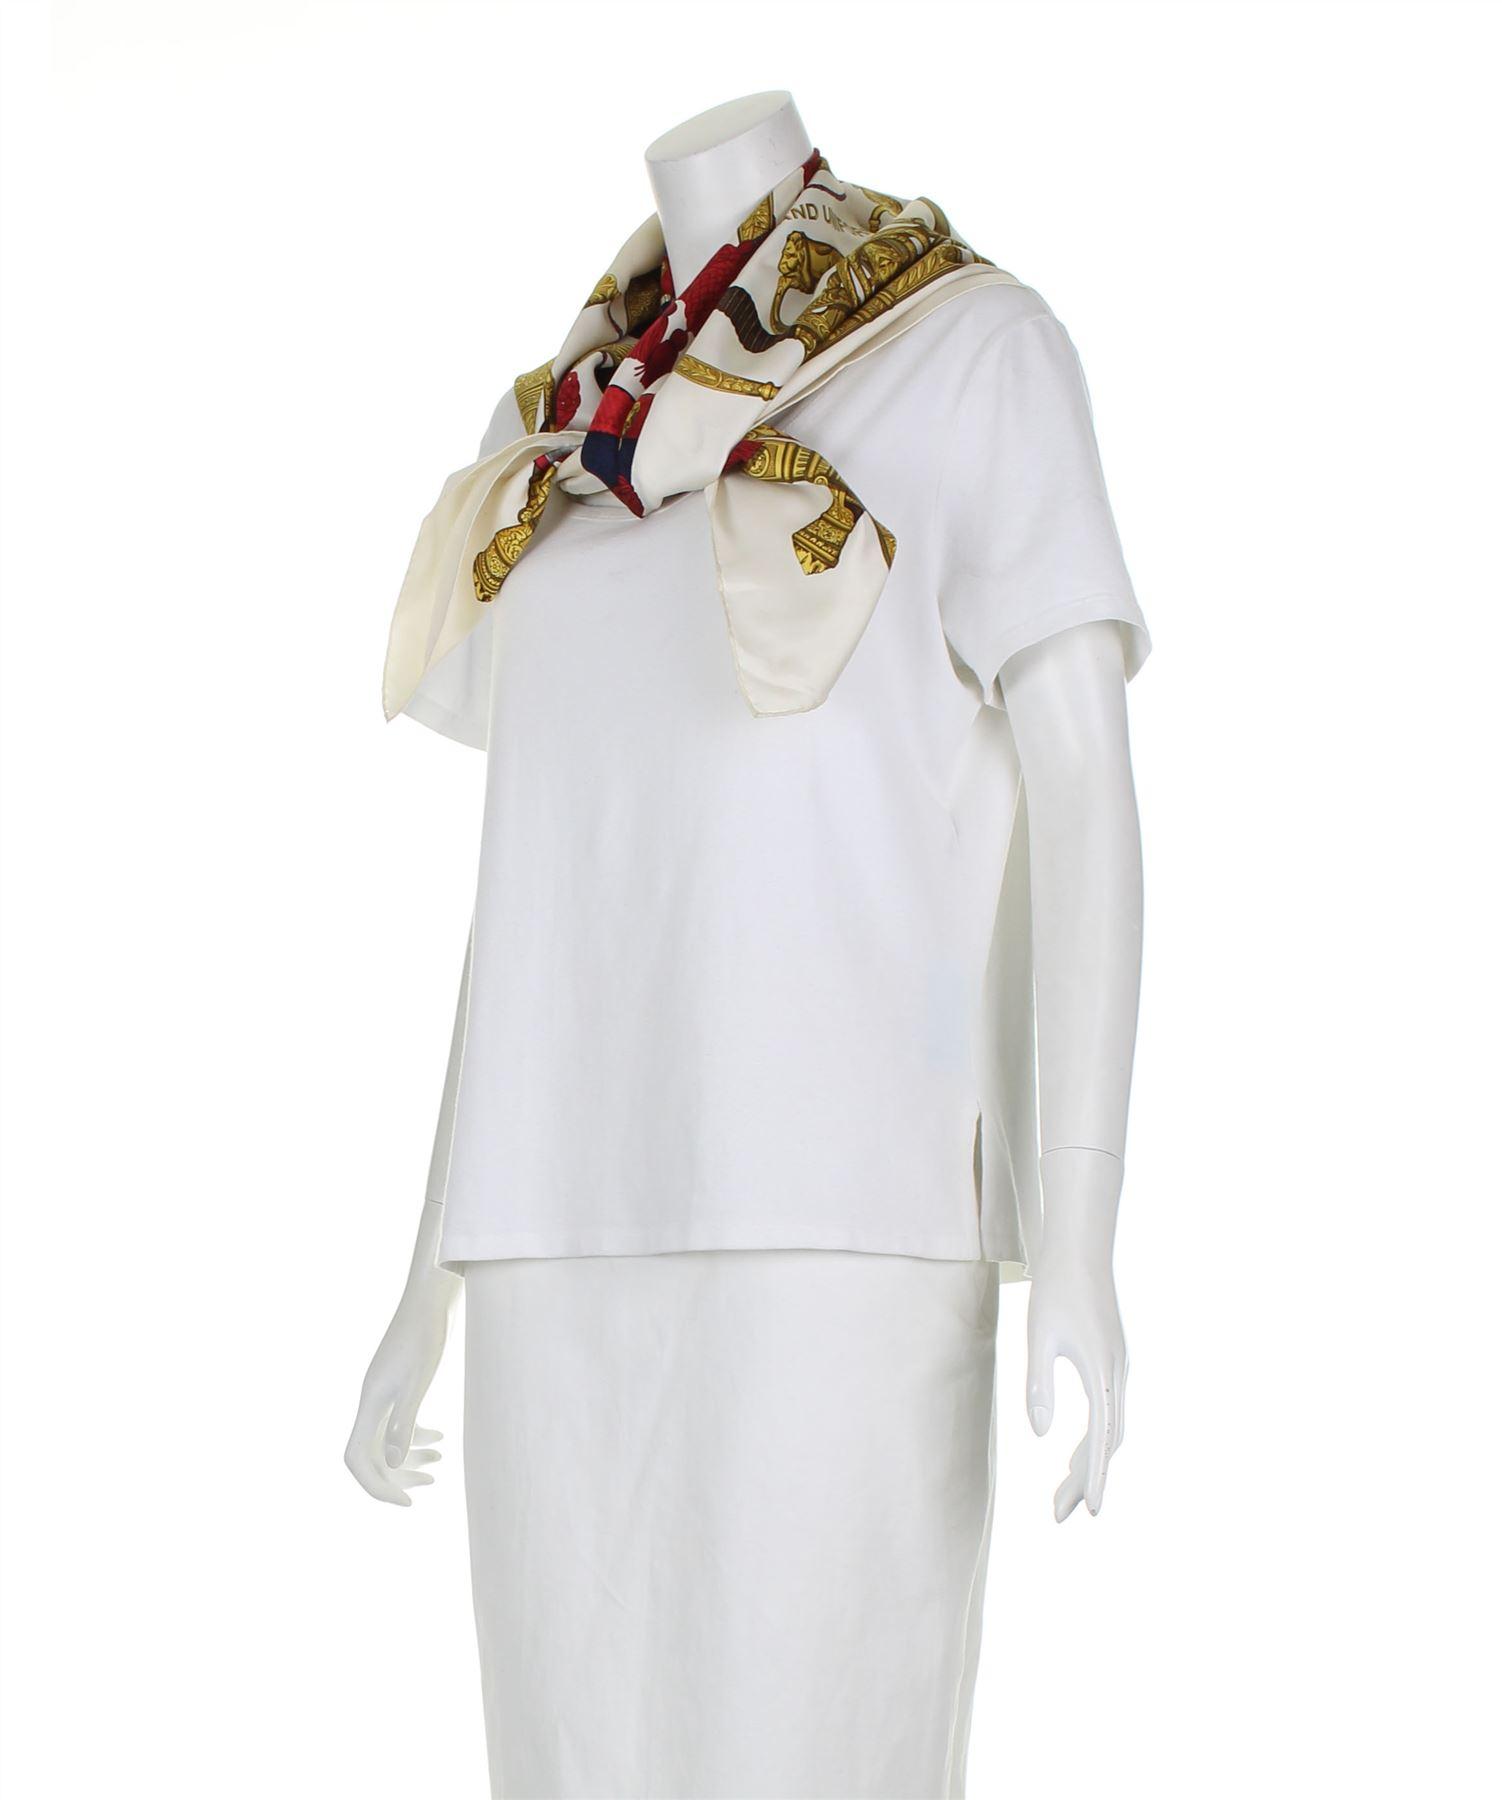 HERMÈS Grand Uniforme Foulard en soie blanche, 35